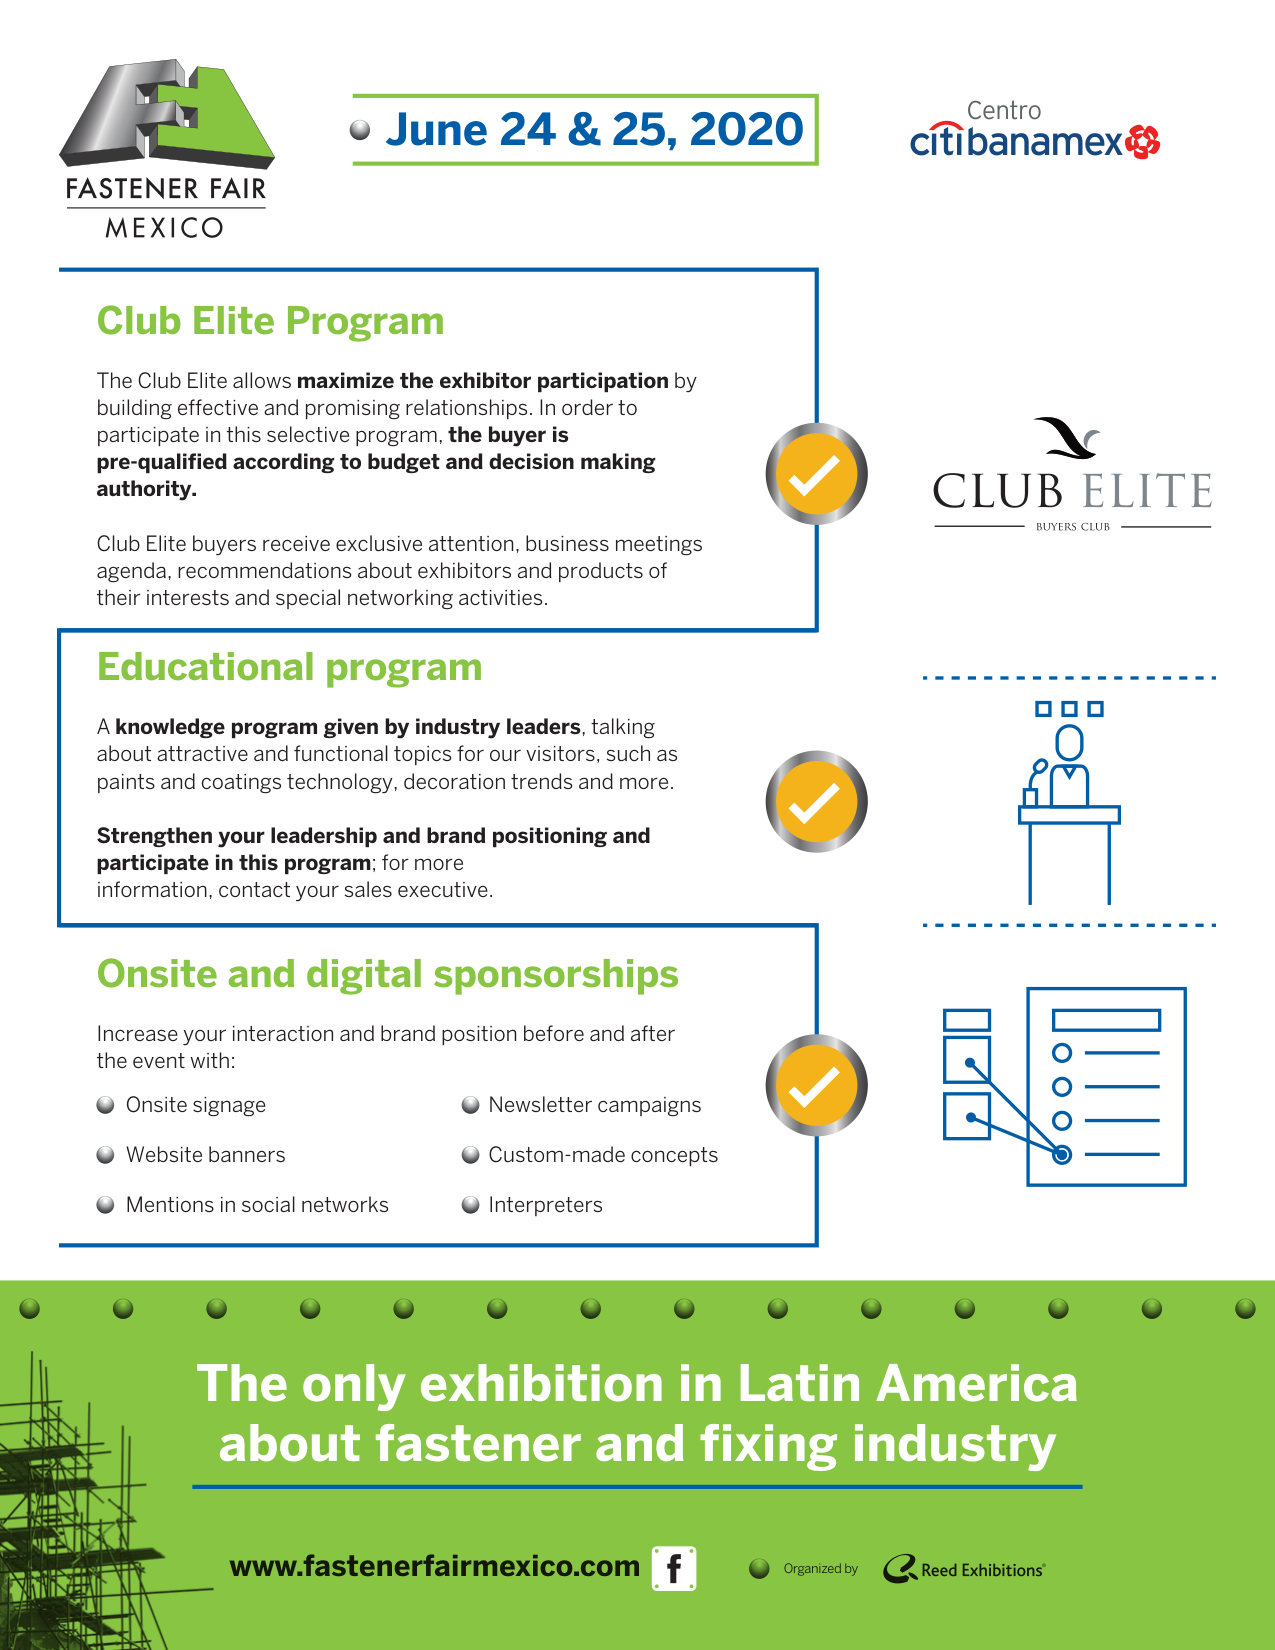 墨西哥緊固件展覽會Fastener Fair Mexico